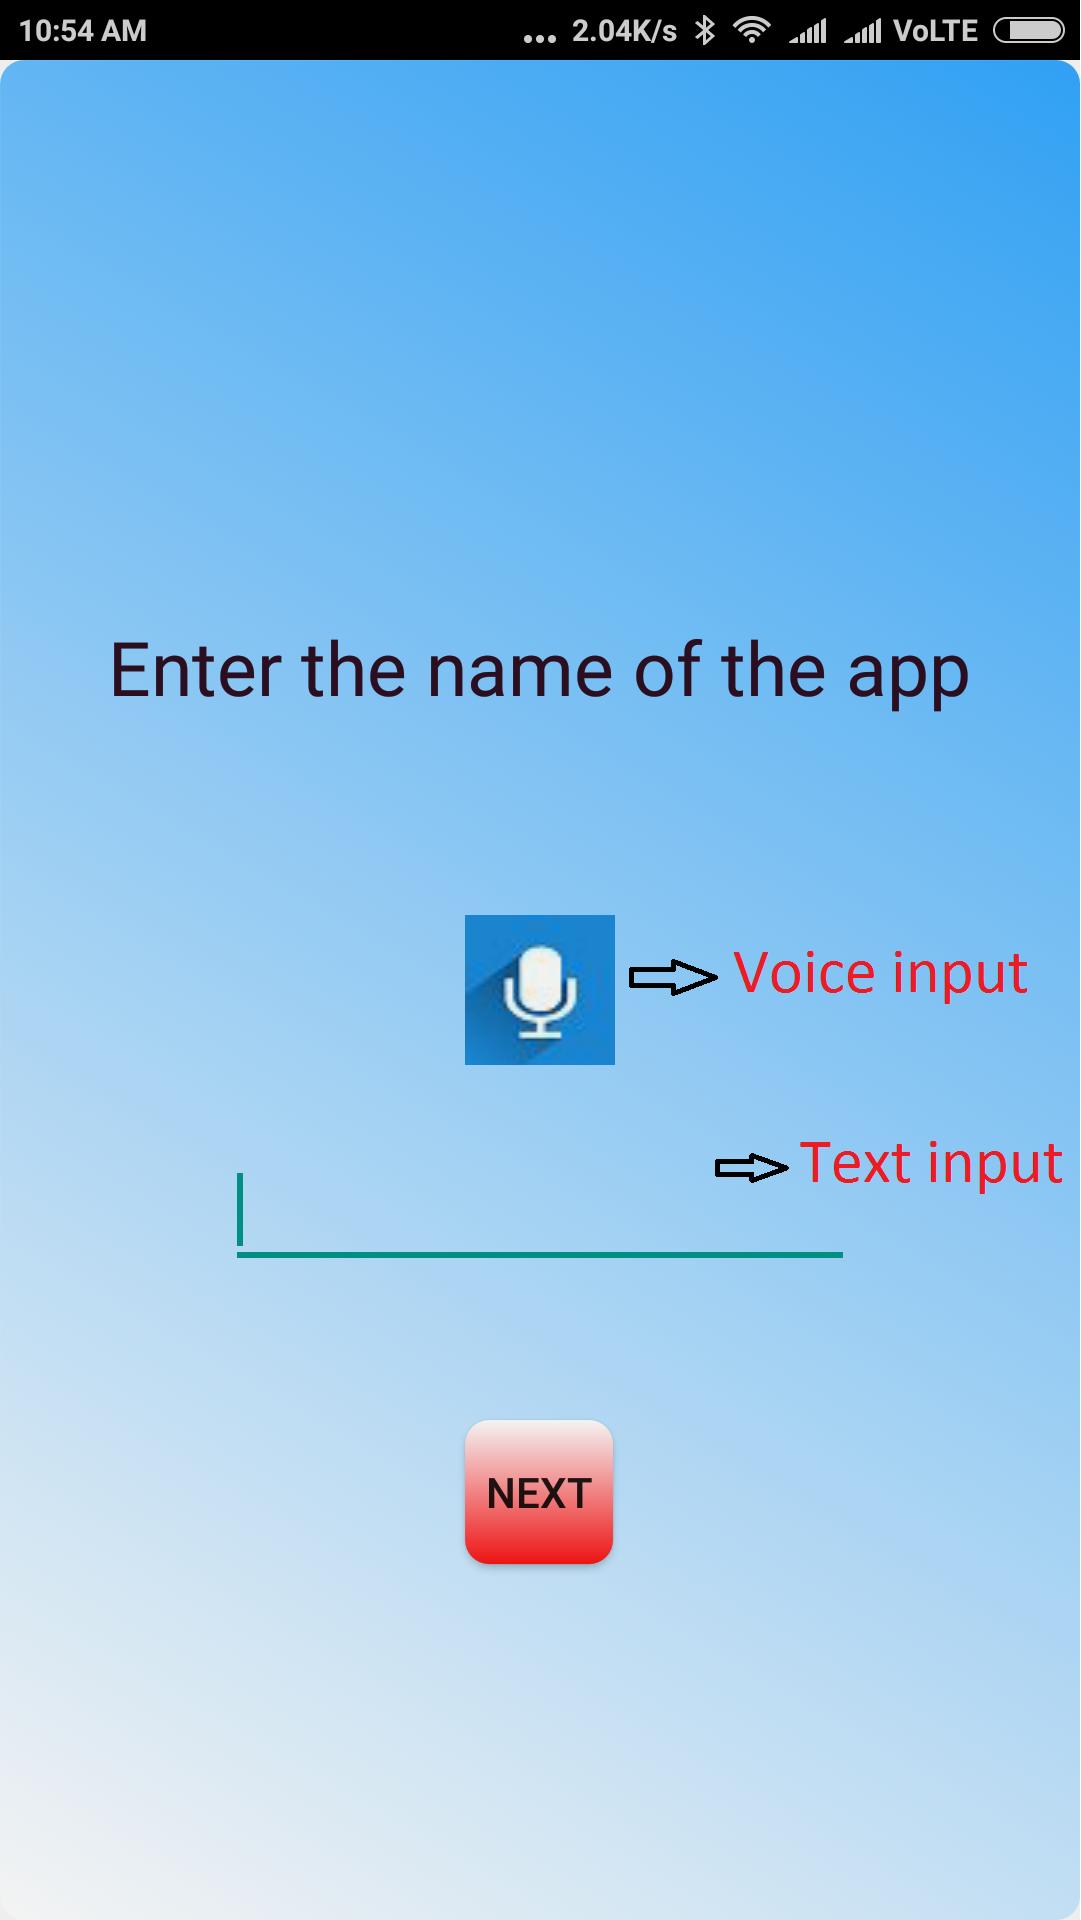 screenshot_2017-04-20-10-54-47-056_com example navi